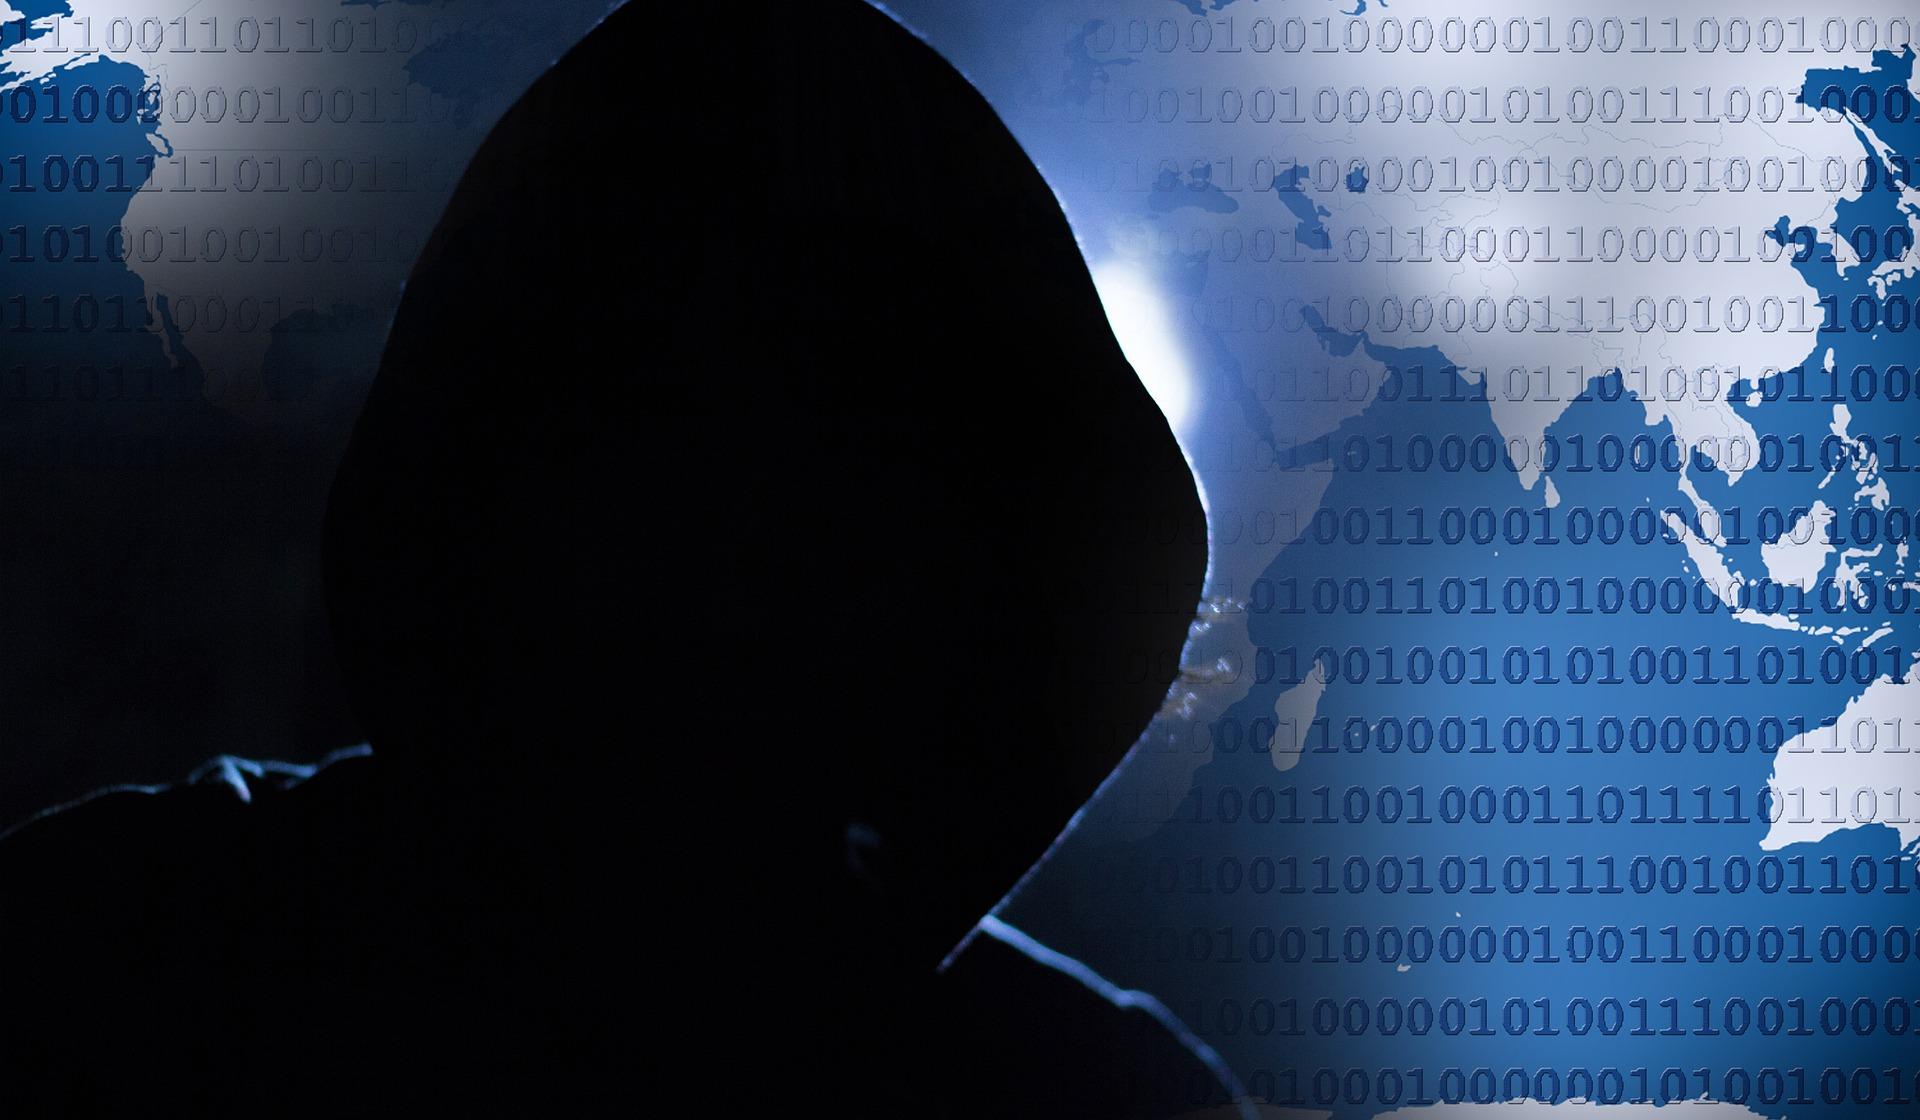 СМИ: Объемы криптомошенничества в России достигли 2,2 млрд рублей